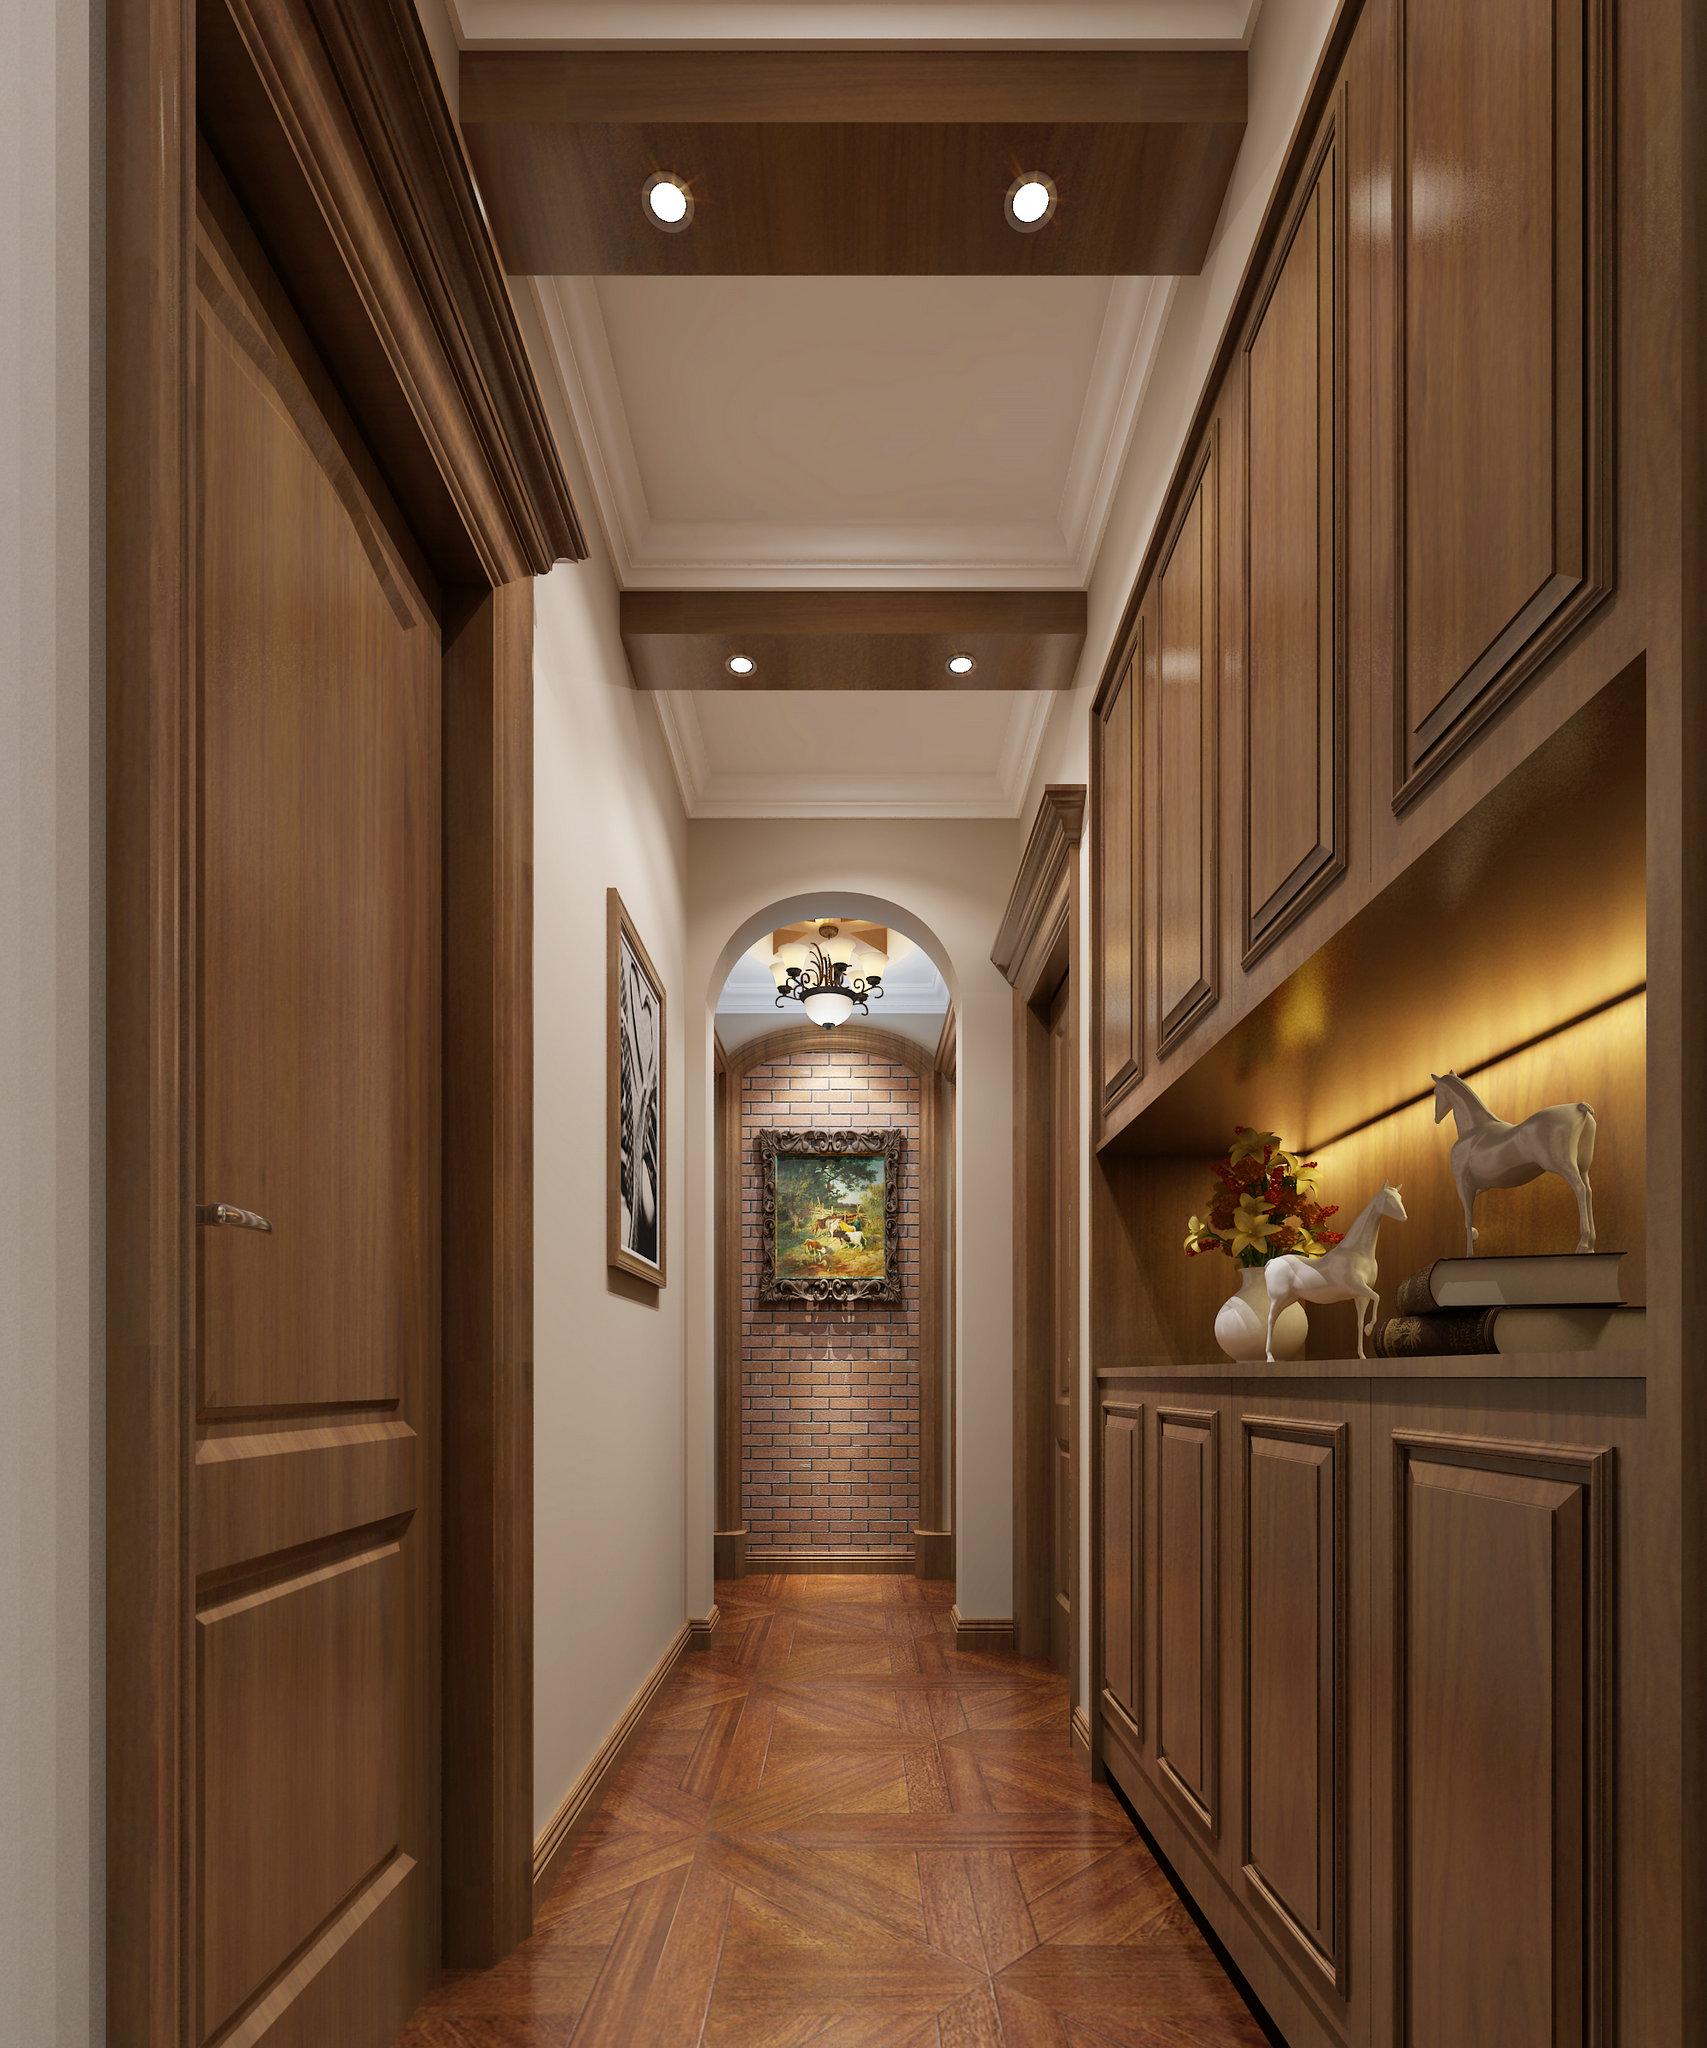 婆婆把180平米的房装修成这种美式风格,一进门就看呆了!-龙湖时代天街装修